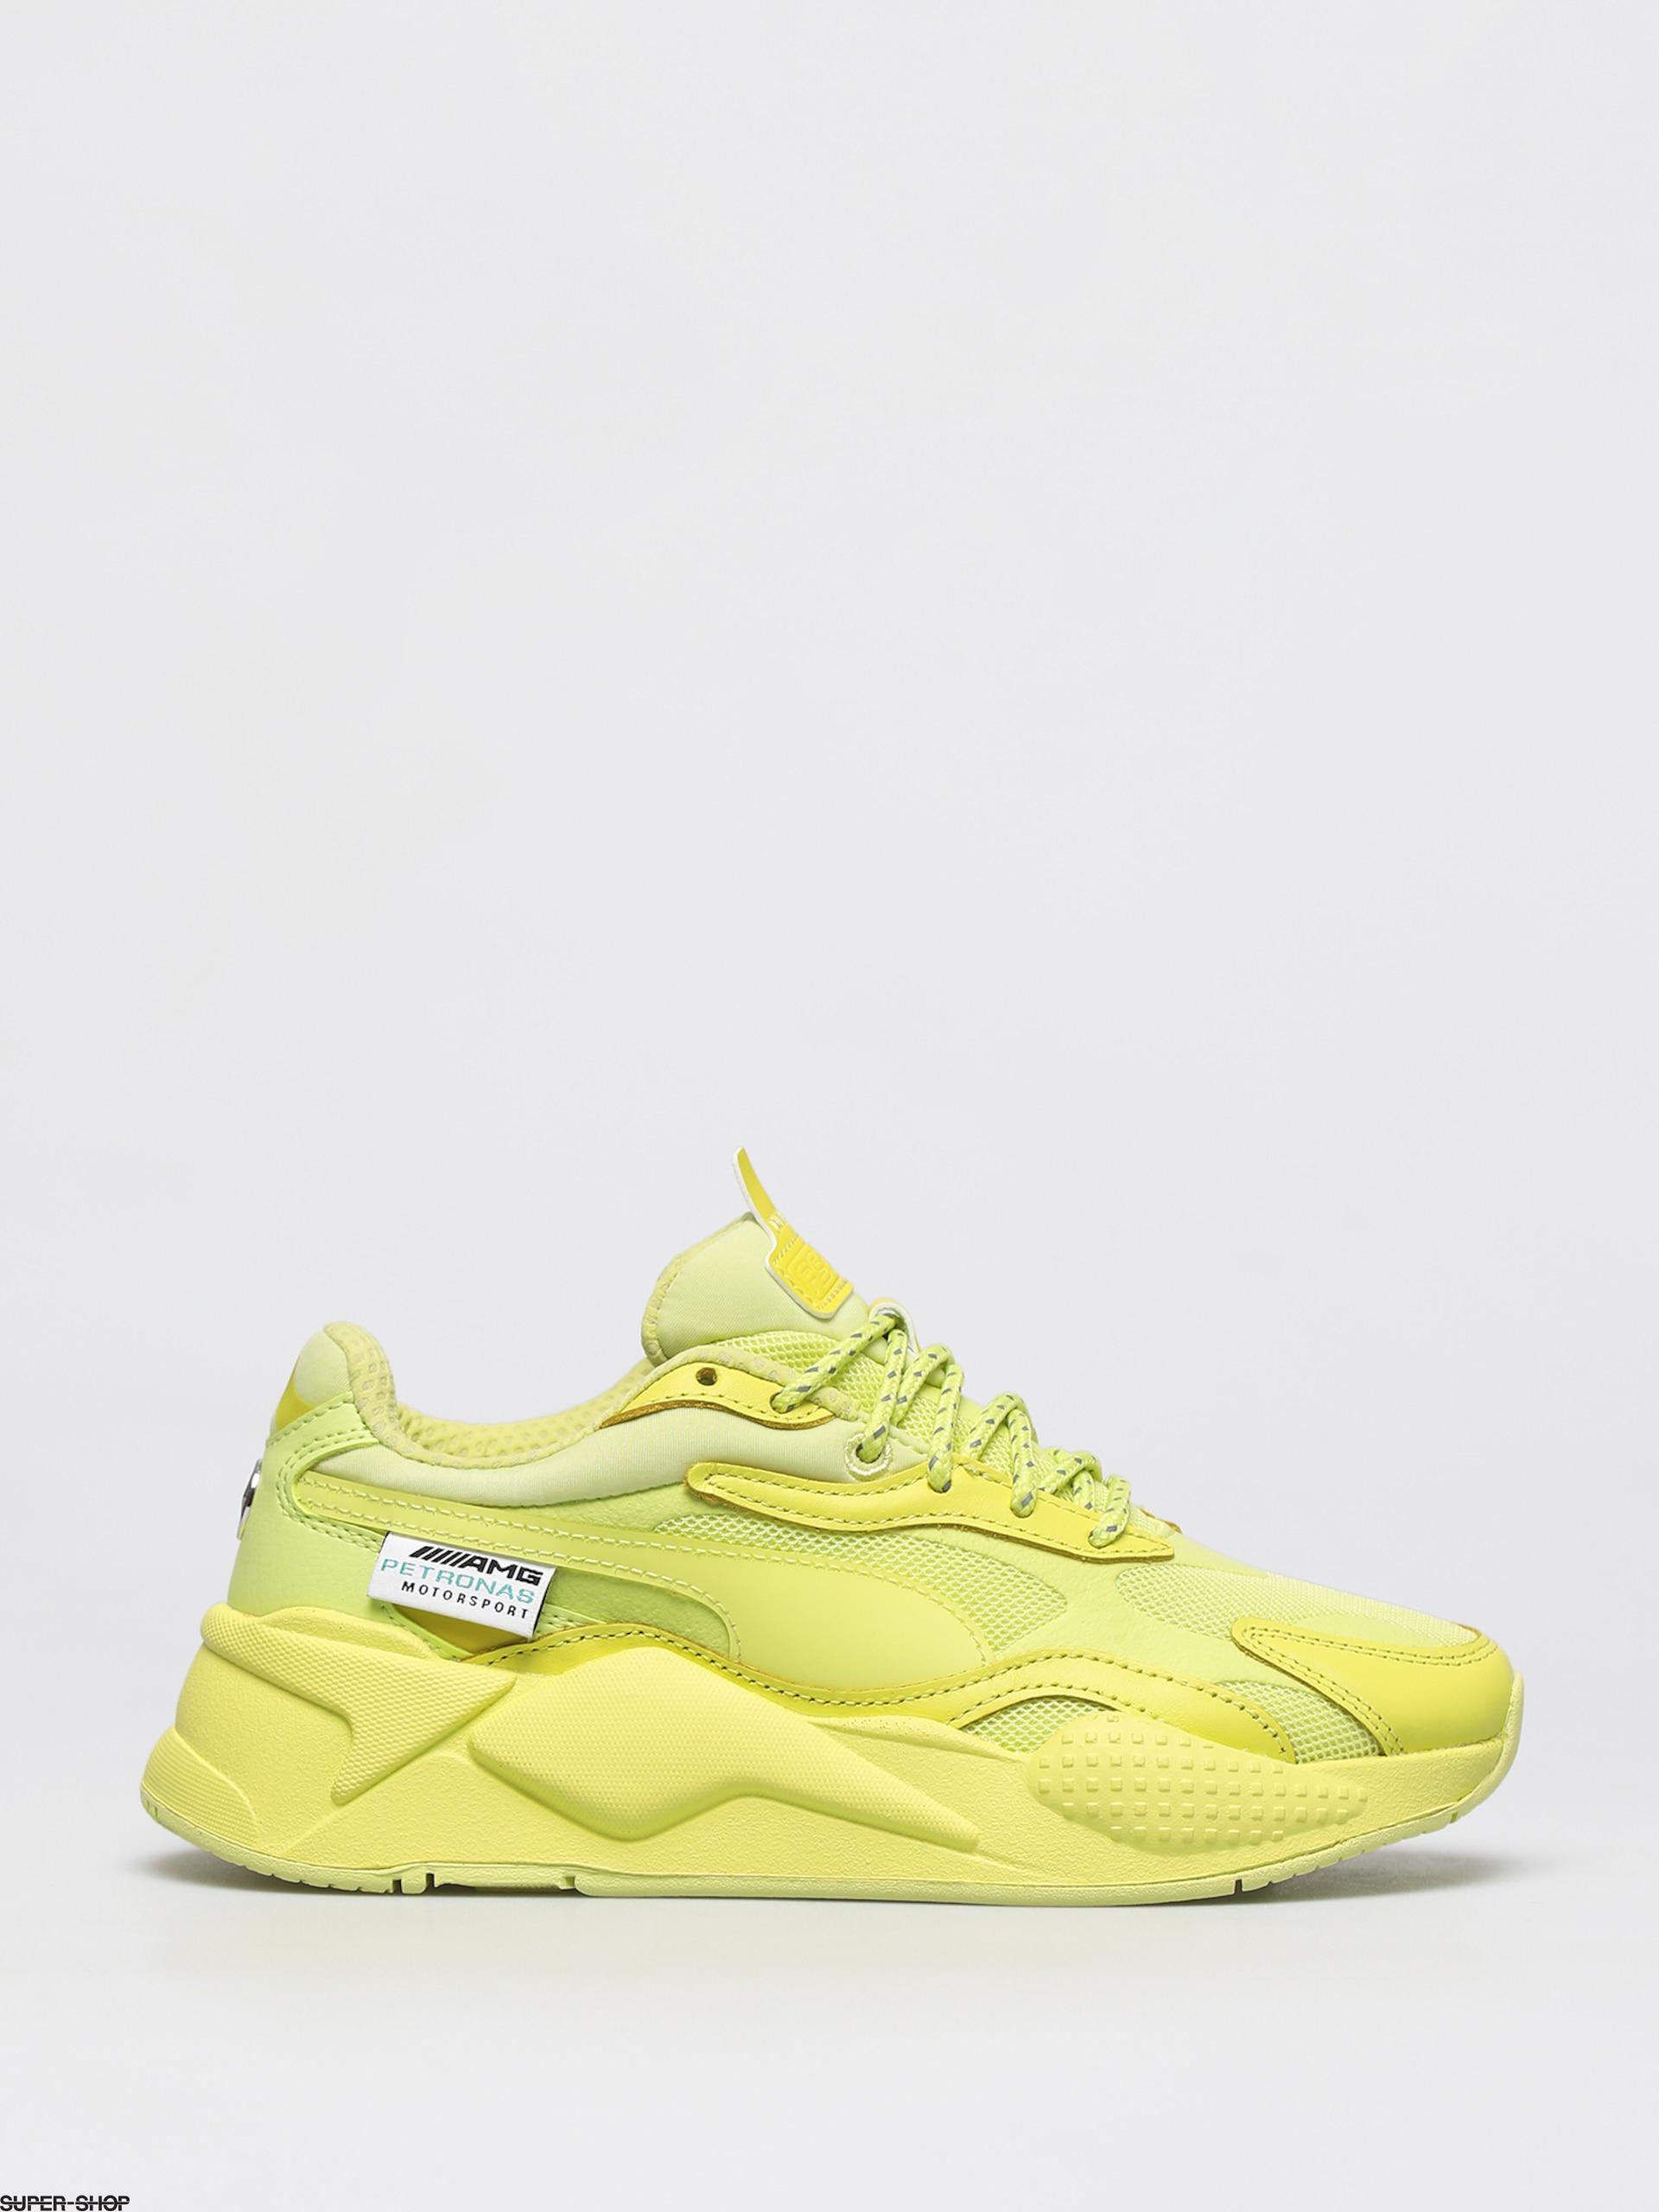 Puma Mapm Rs X Shoes (sunny lime)